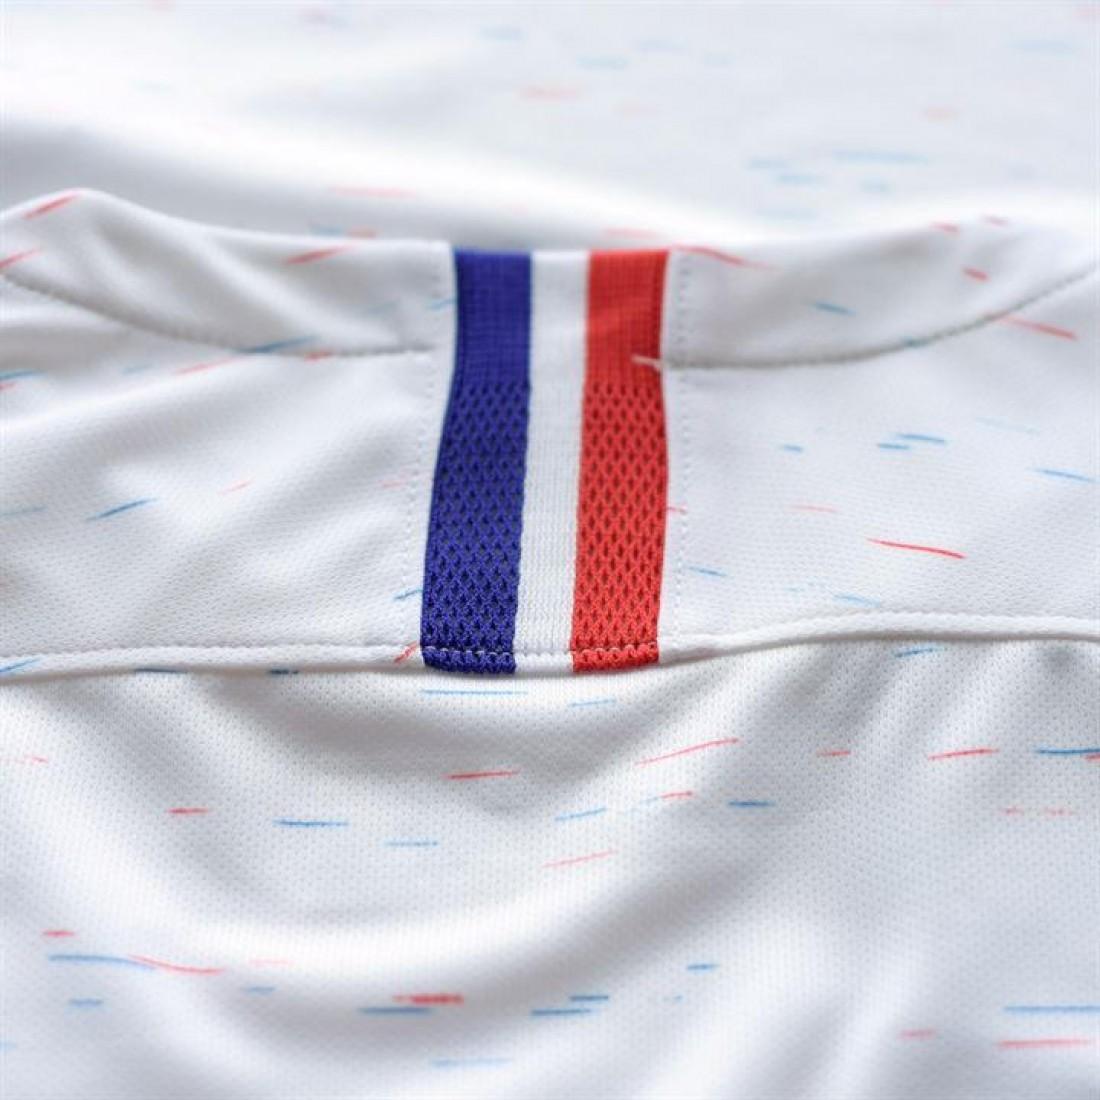 f509f04f1f8 ... Nike France детска футболна тениска Франция Найк AWAY Shirt junior 2018  СВЕТОВНО ПЪРВЕНСТВО ПО по футбол